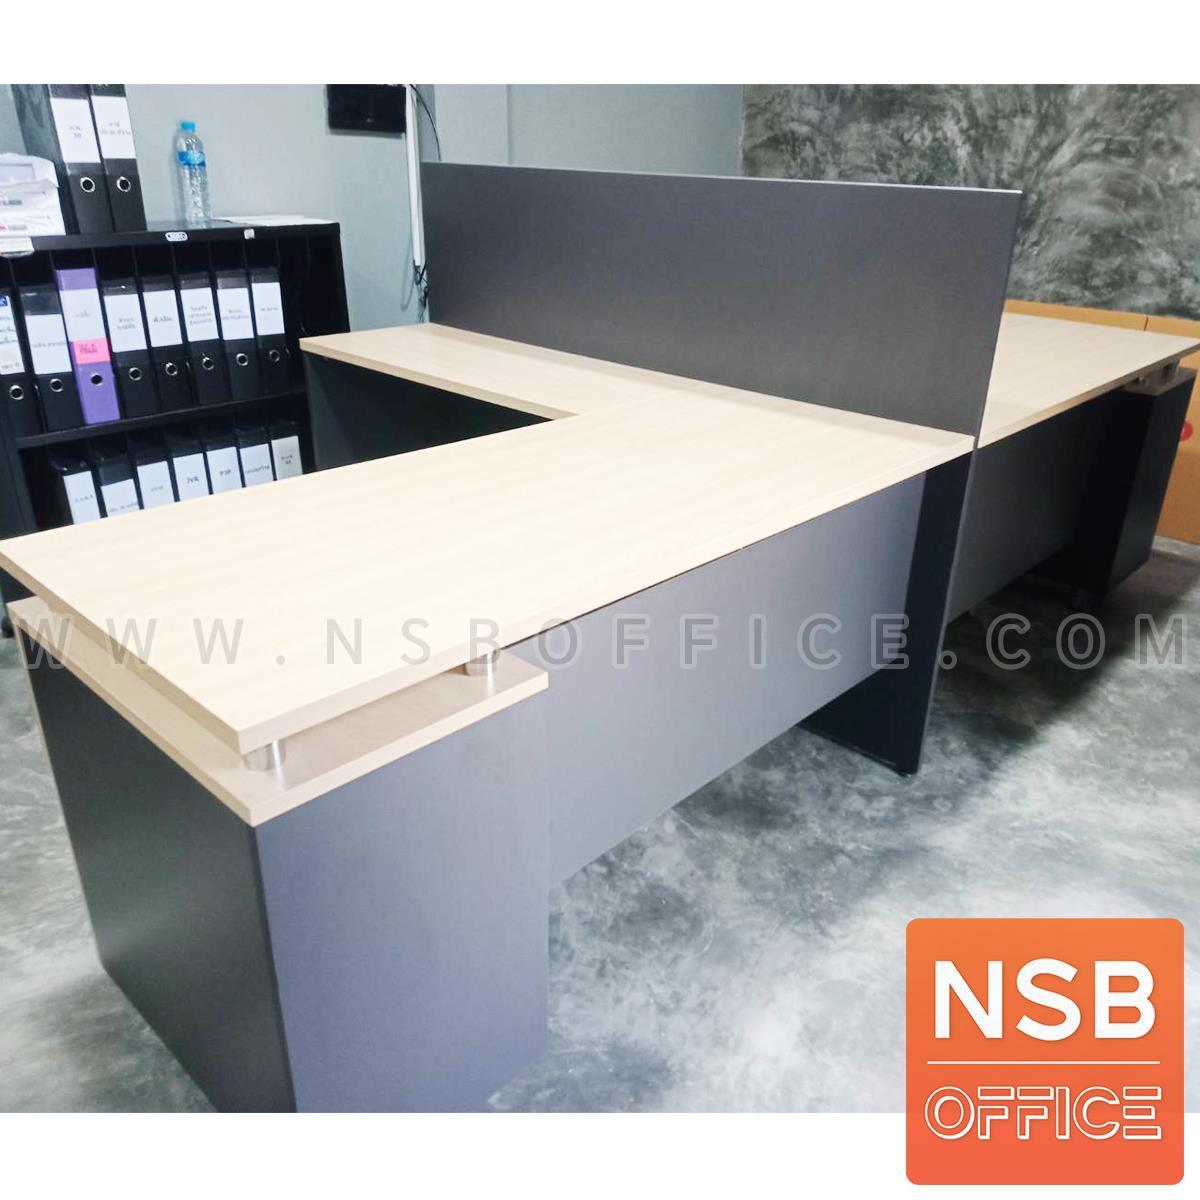 ชุดโต๊ะทำงานกลุ่มตัวแอล 2 ที่นั่ง  รุ่น MN-TYW2832 ขนาด 280W ,320W cm. พร้อมไม้กั้นระหว่างโต๊ะ